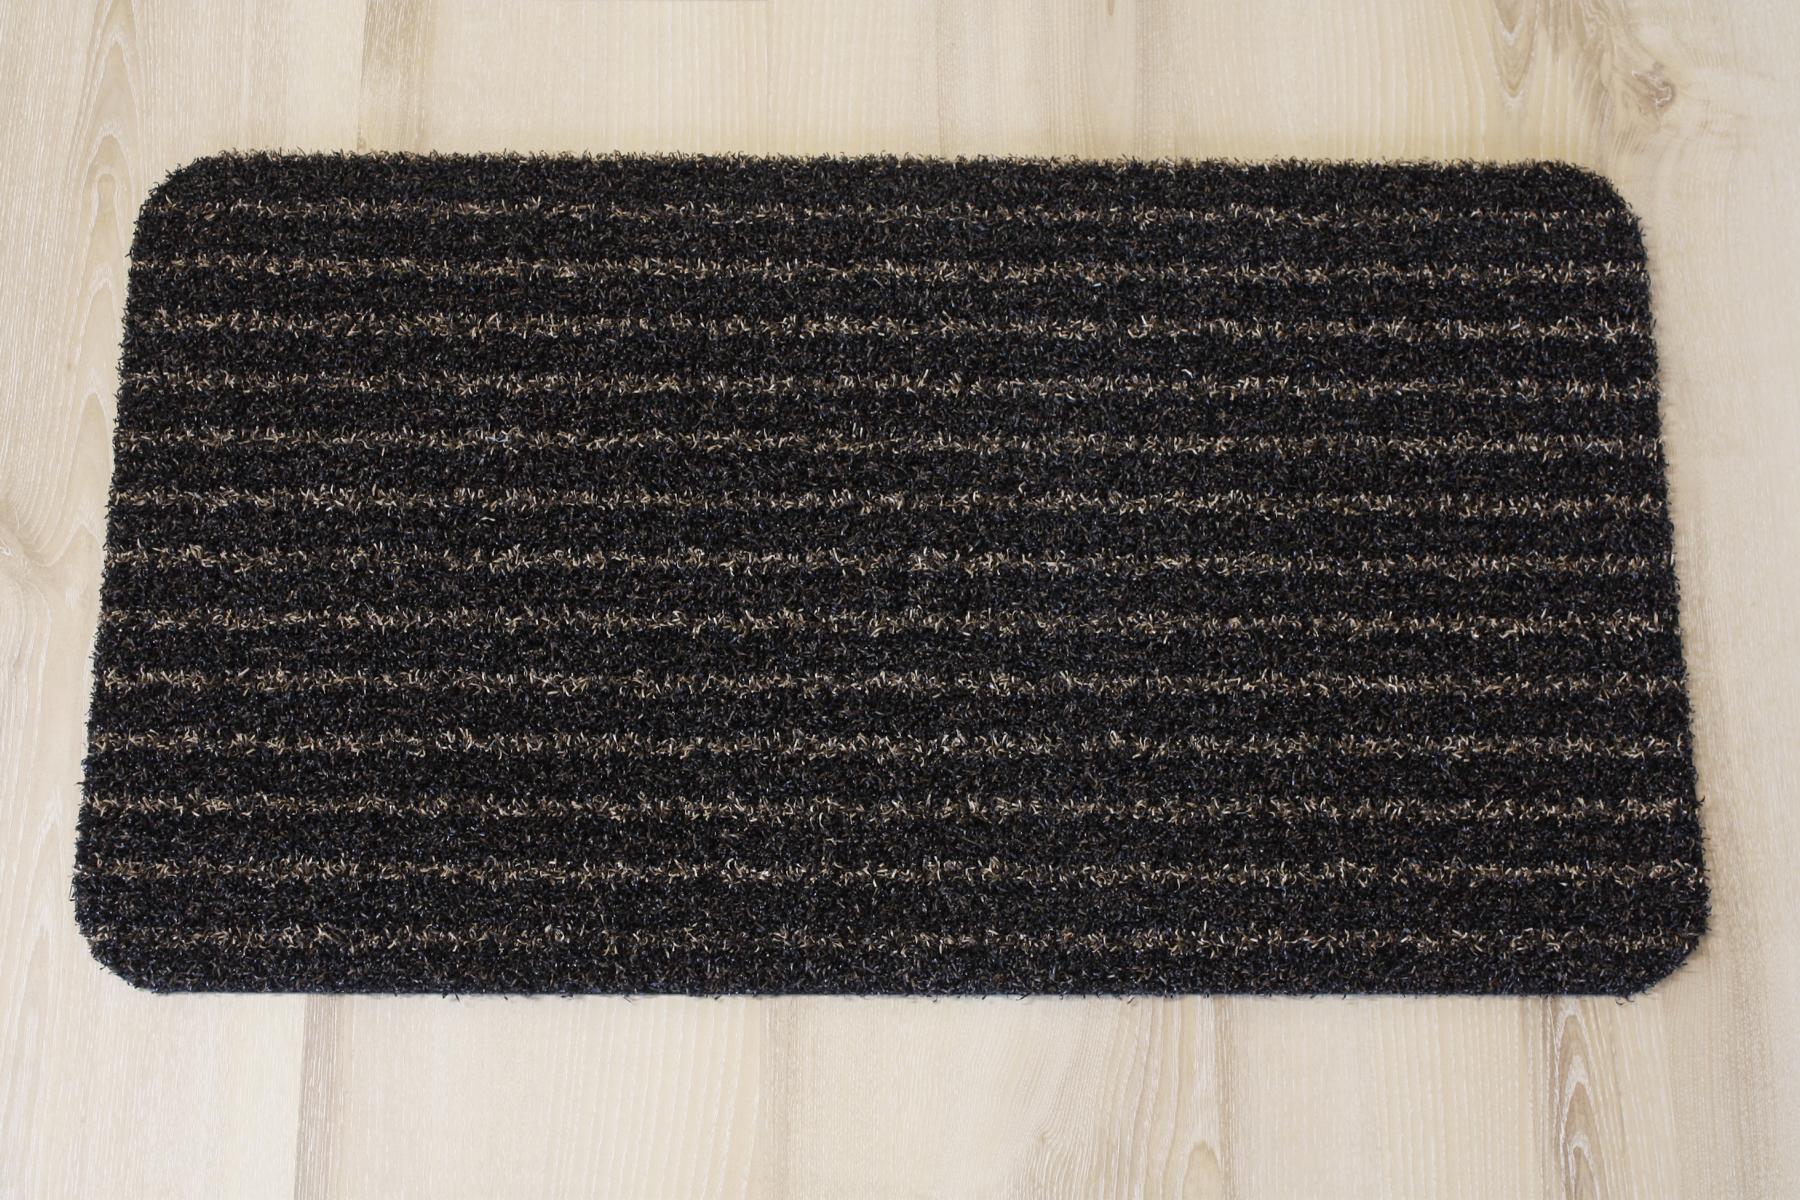 fu matte t rmatte kunstrasen gestreift braun schwarz 40x70cm ebay. Black Bedroom Furniture Sets. Home Design Ideas